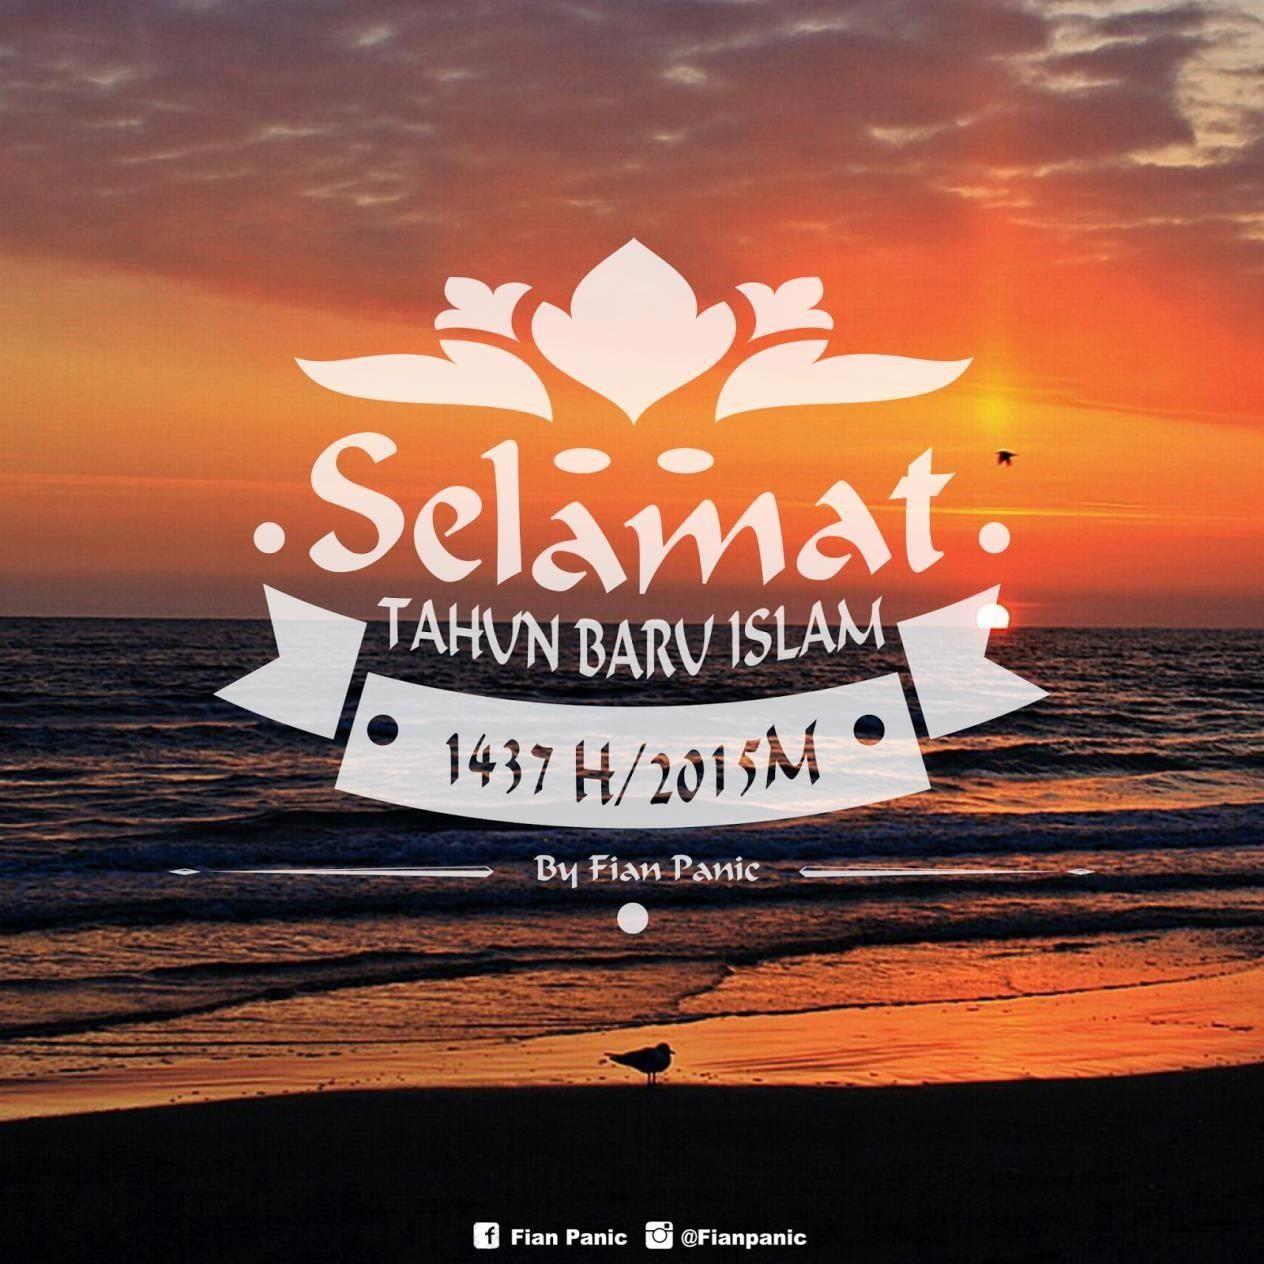 Koleksi Gambar Ucapan Selamat Tahun Baru Islam Hijriyah Ucapan Tahun Baru Gambar Selamat Tahun Baru